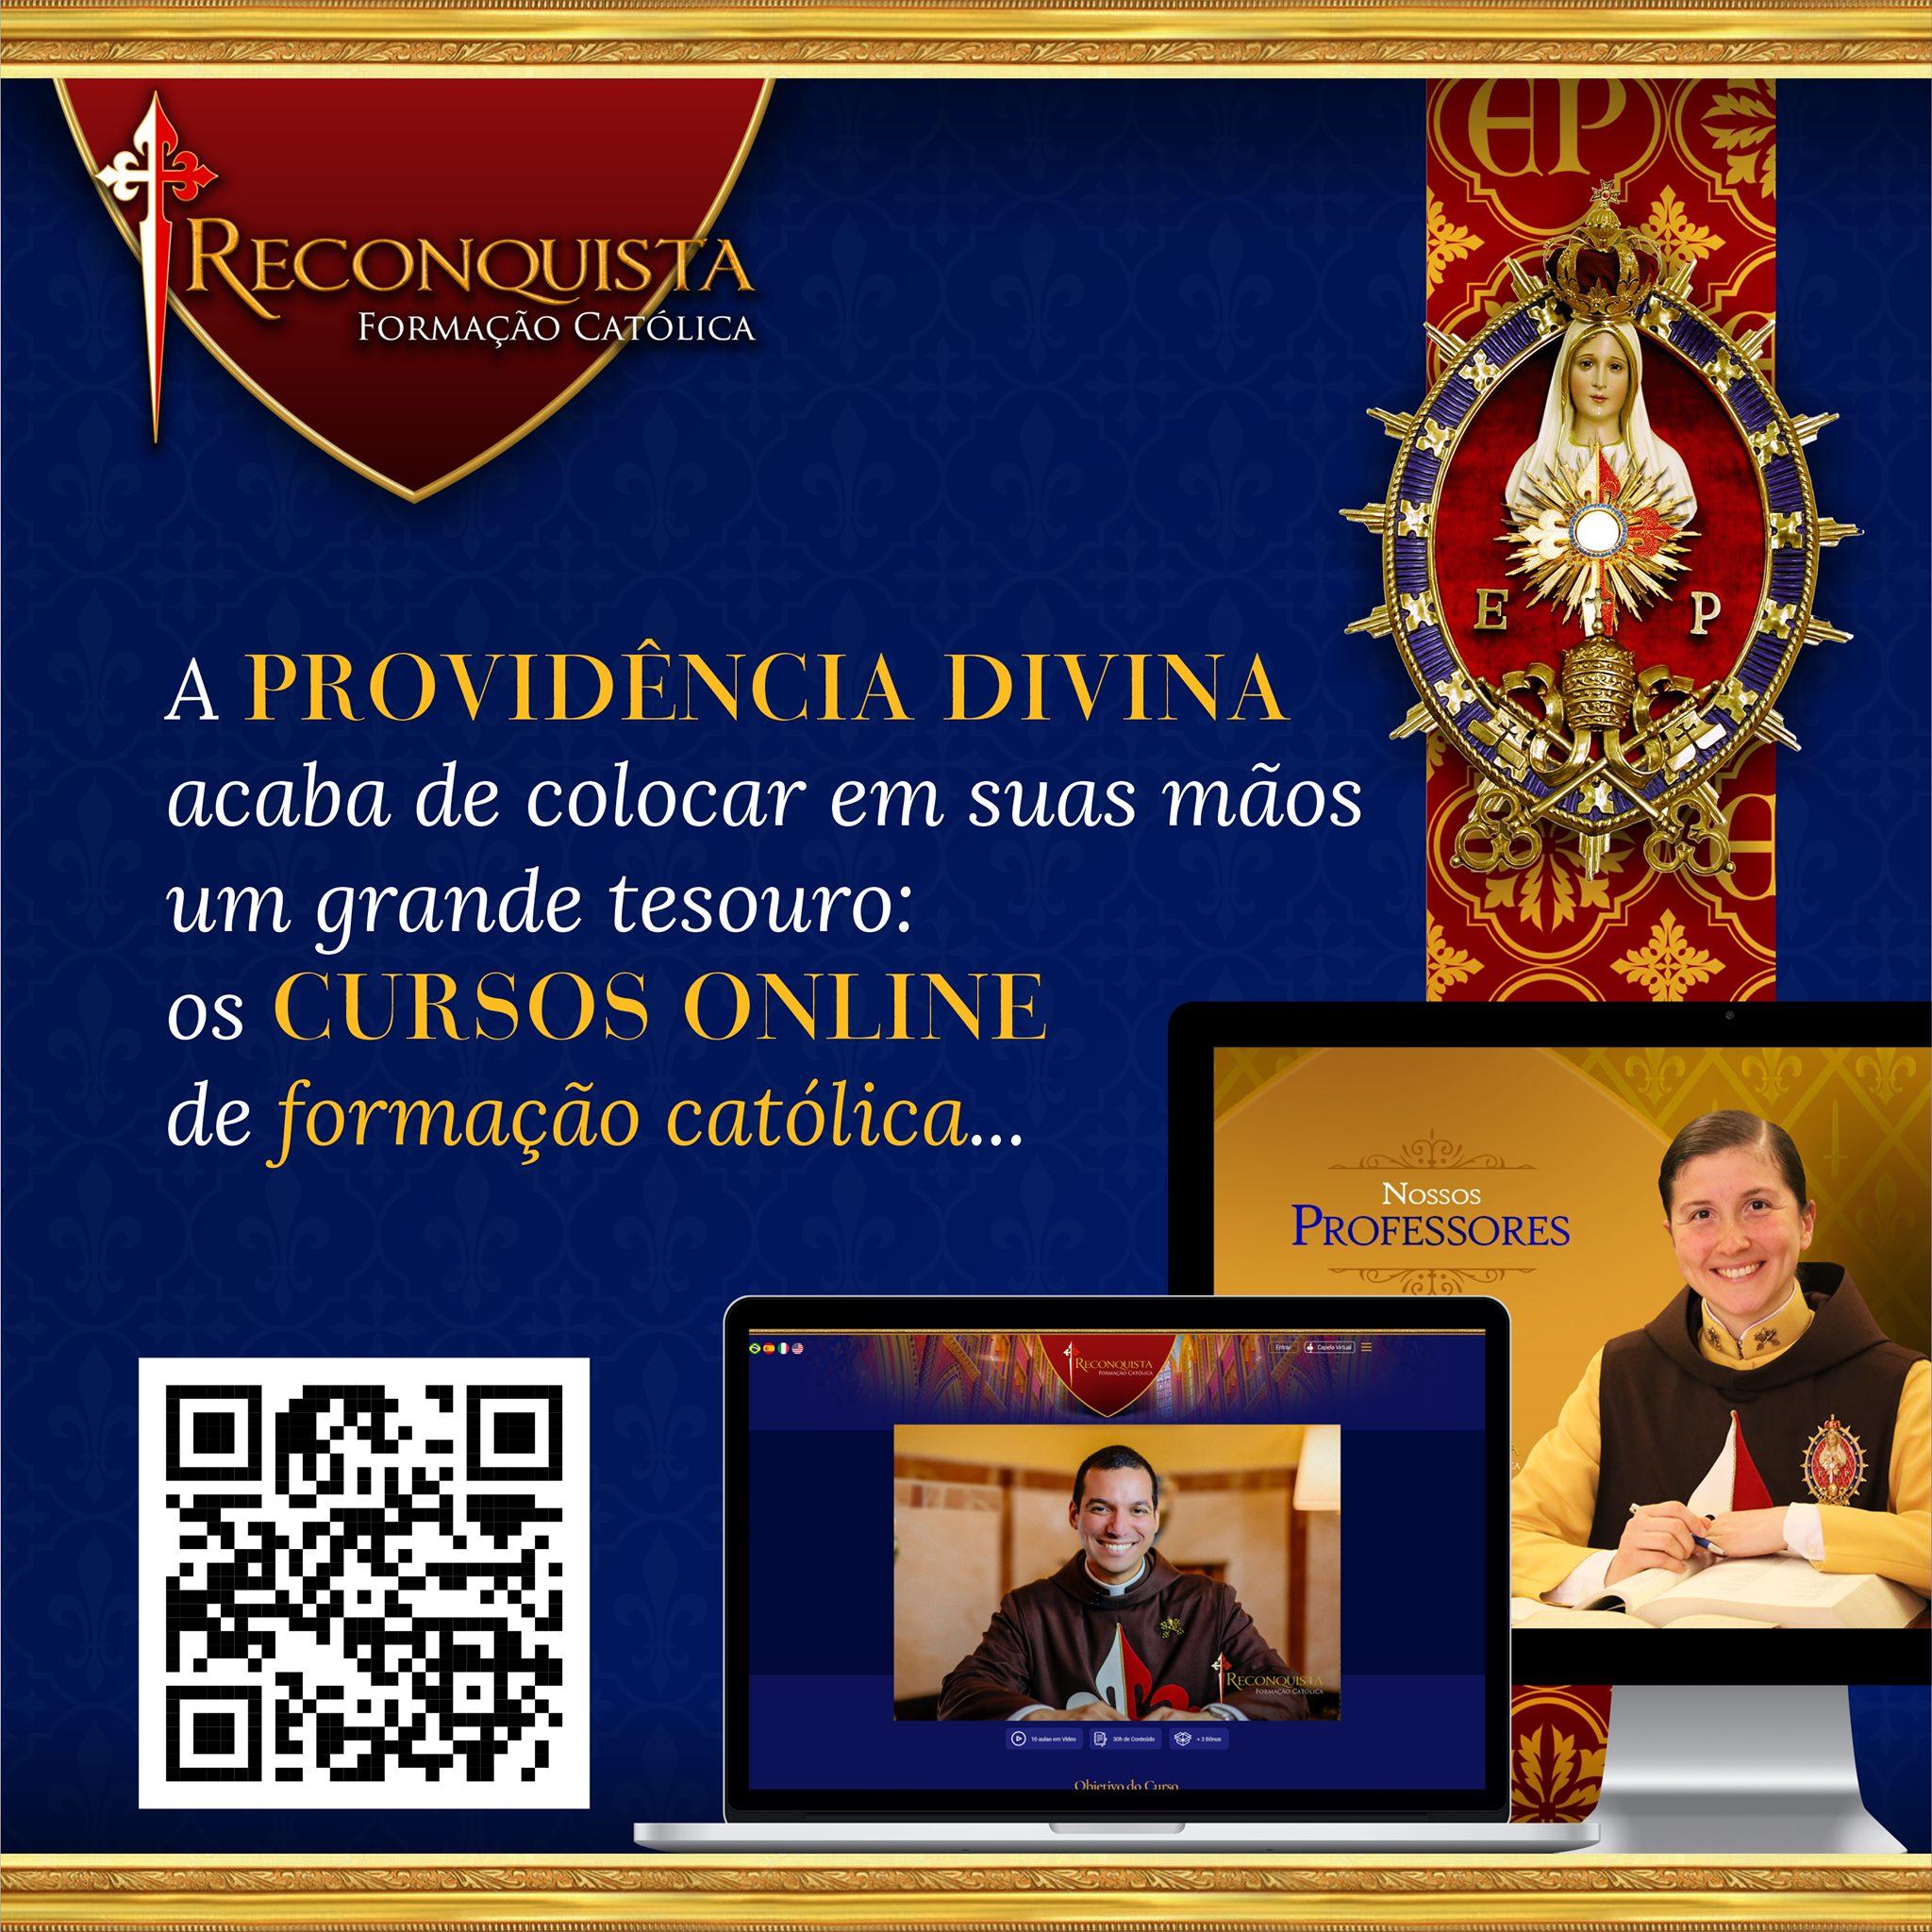 Reconquista: Cursos on-line de formação católica